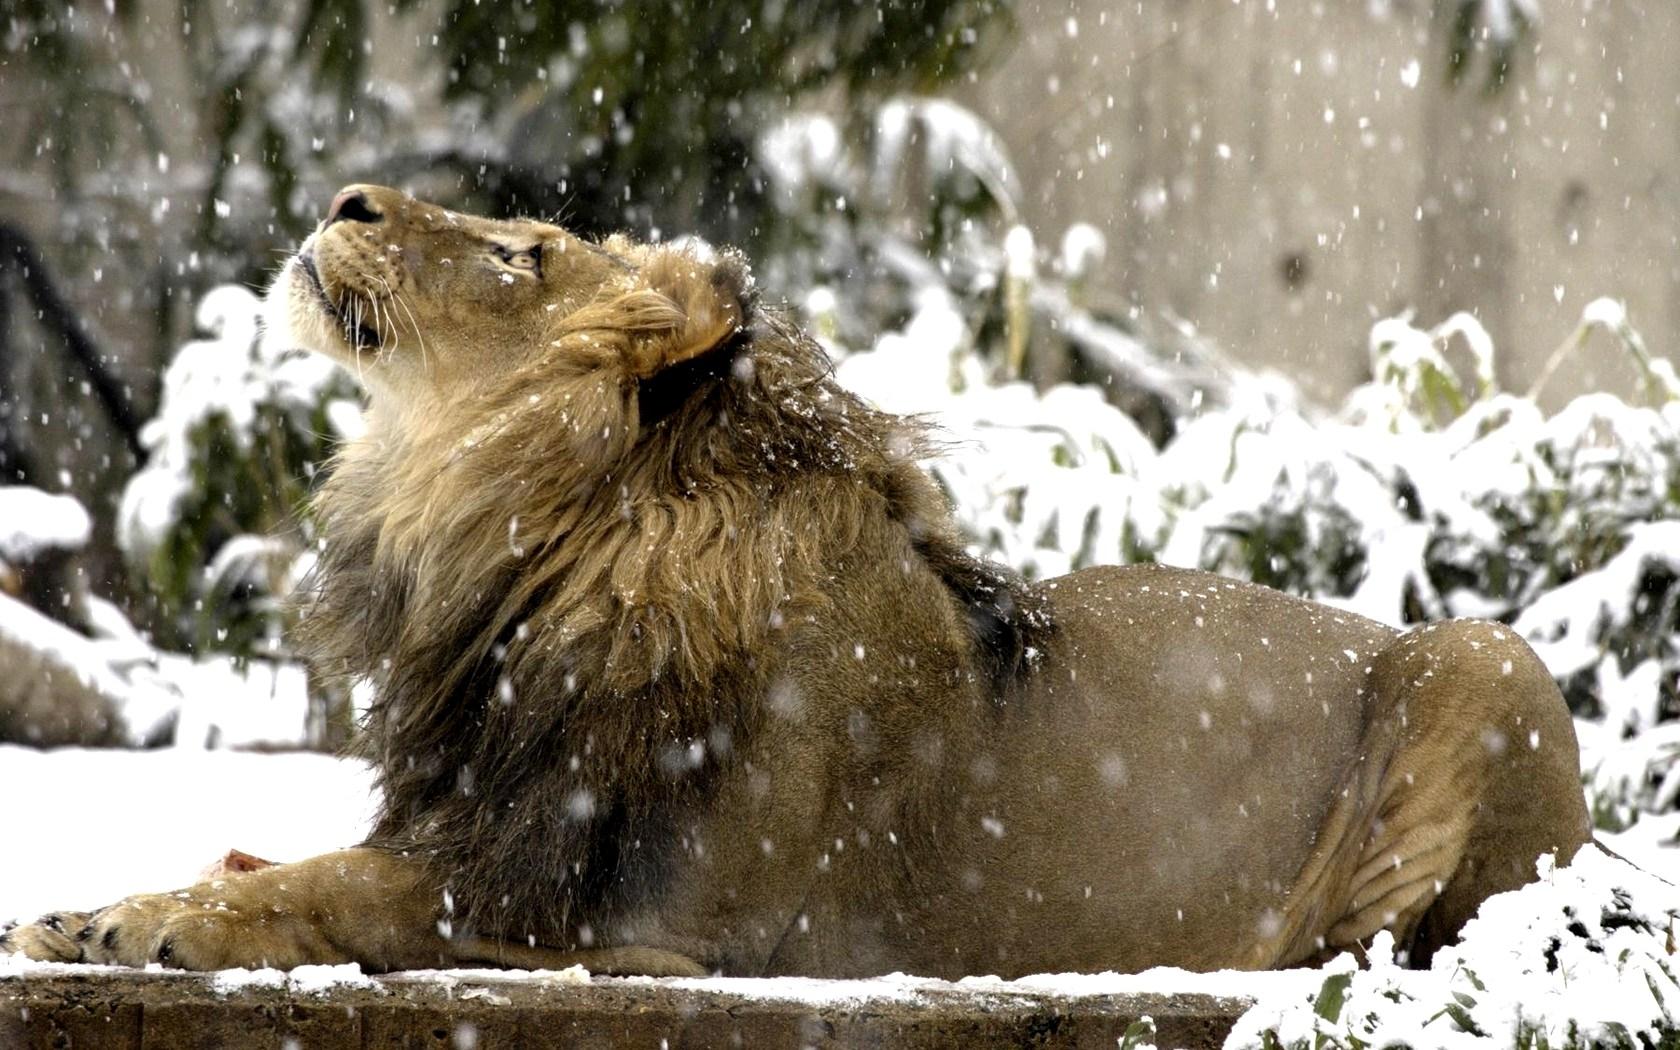 Roar Lion Desktop Hd Wallpaper Stylishhdwallpapers - Lion Roaring In Snow , HD Wallpaper & Backgrounds